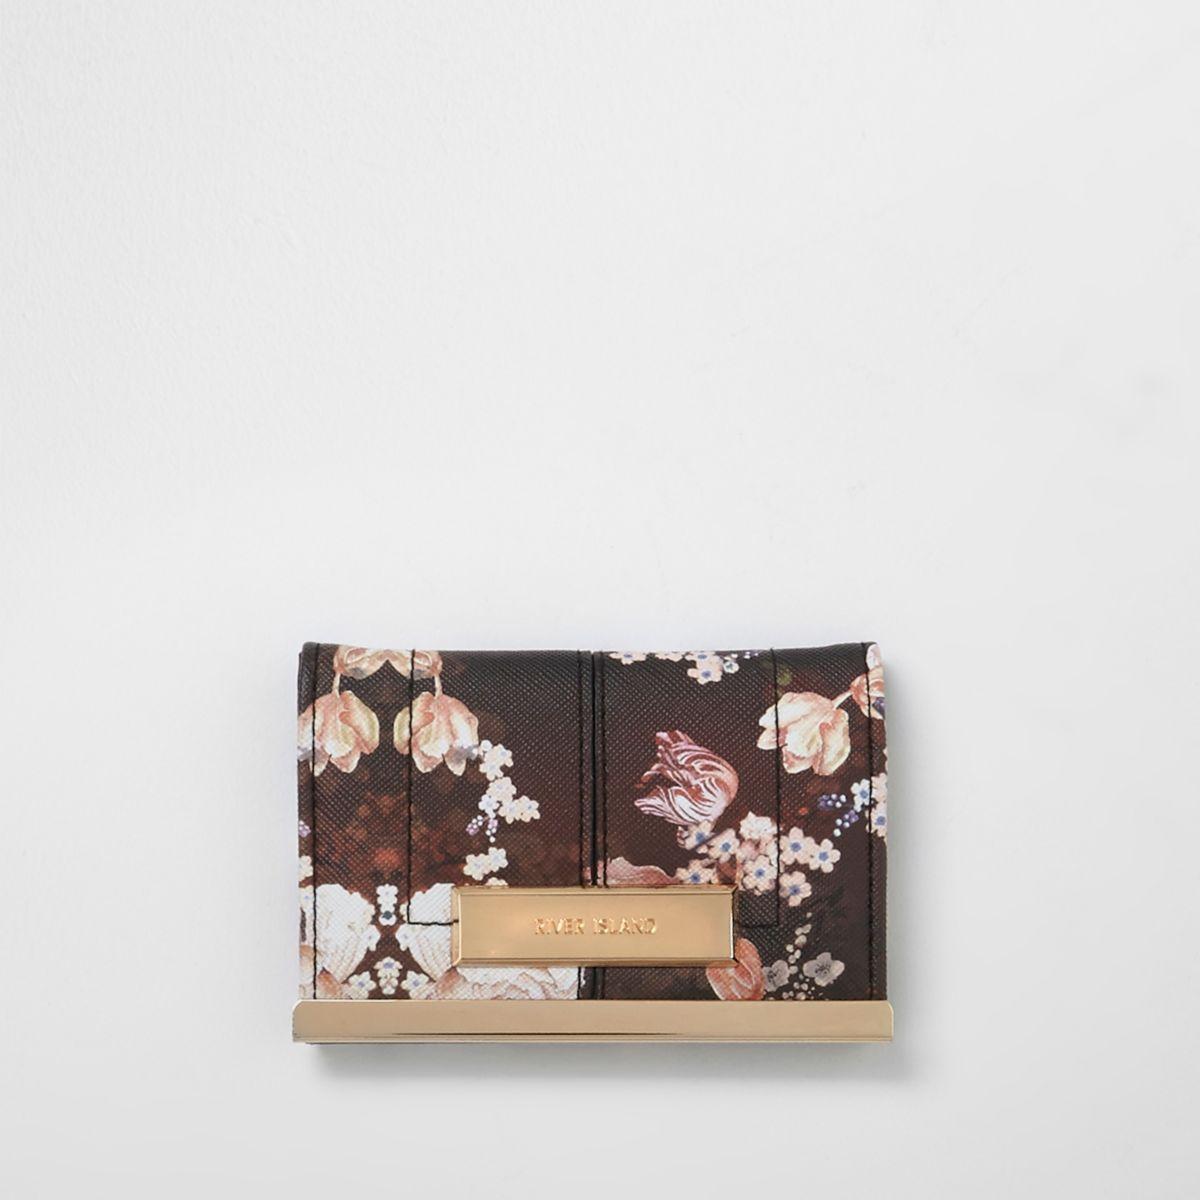 Black floral print travel card holder